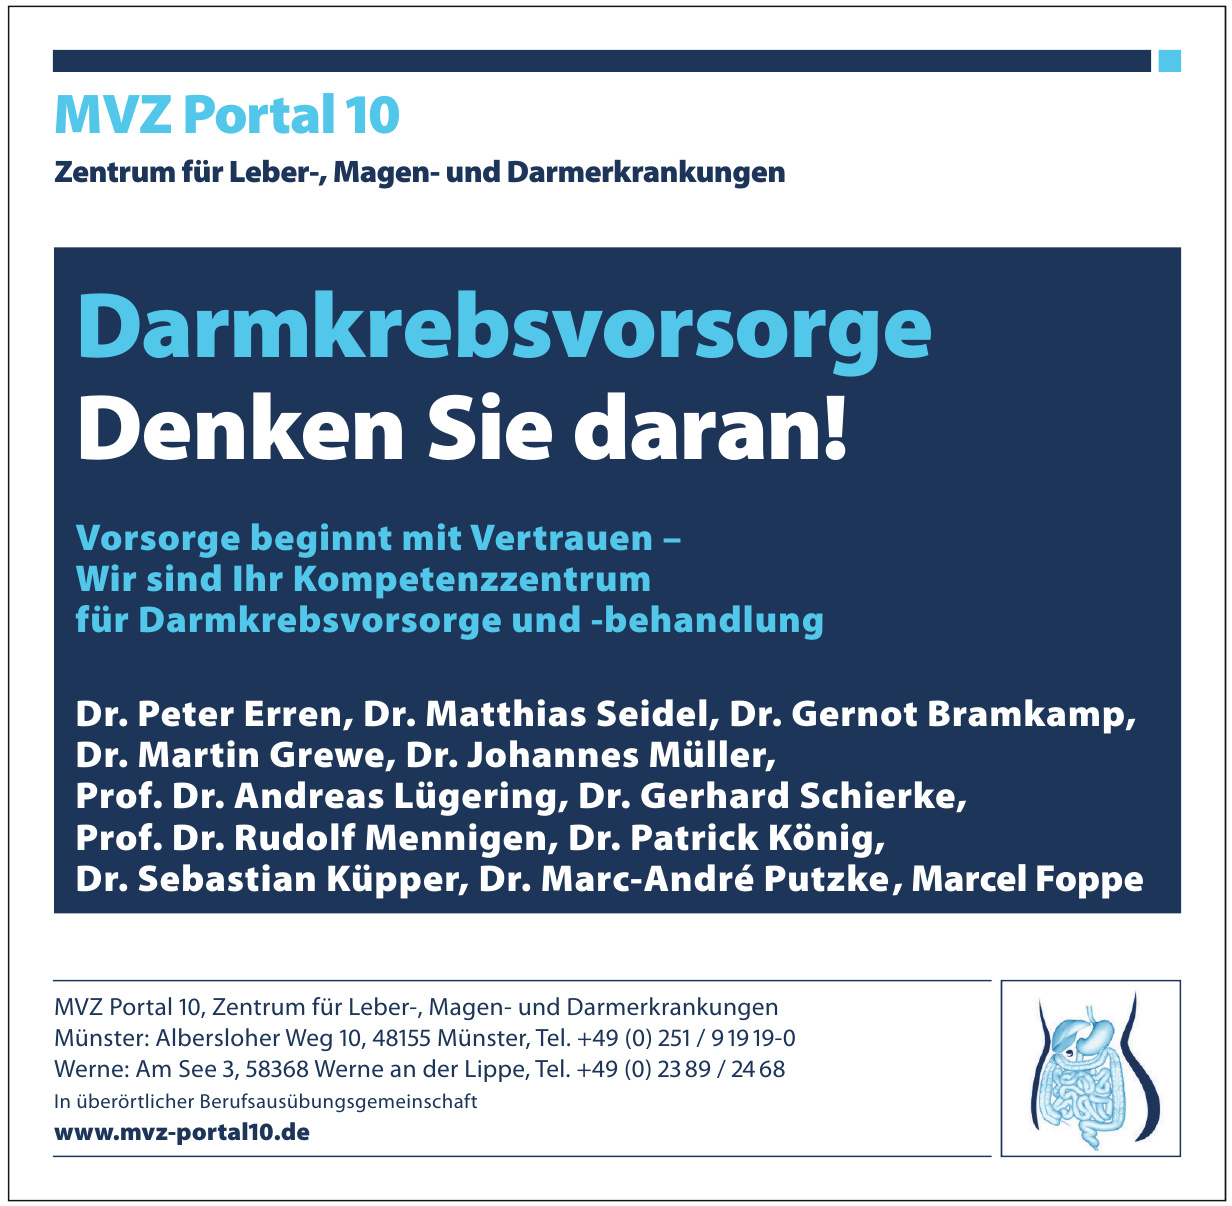 MVZ Portal 10 - Zentrum für Leber-, Magen- und Darmerkrankungen